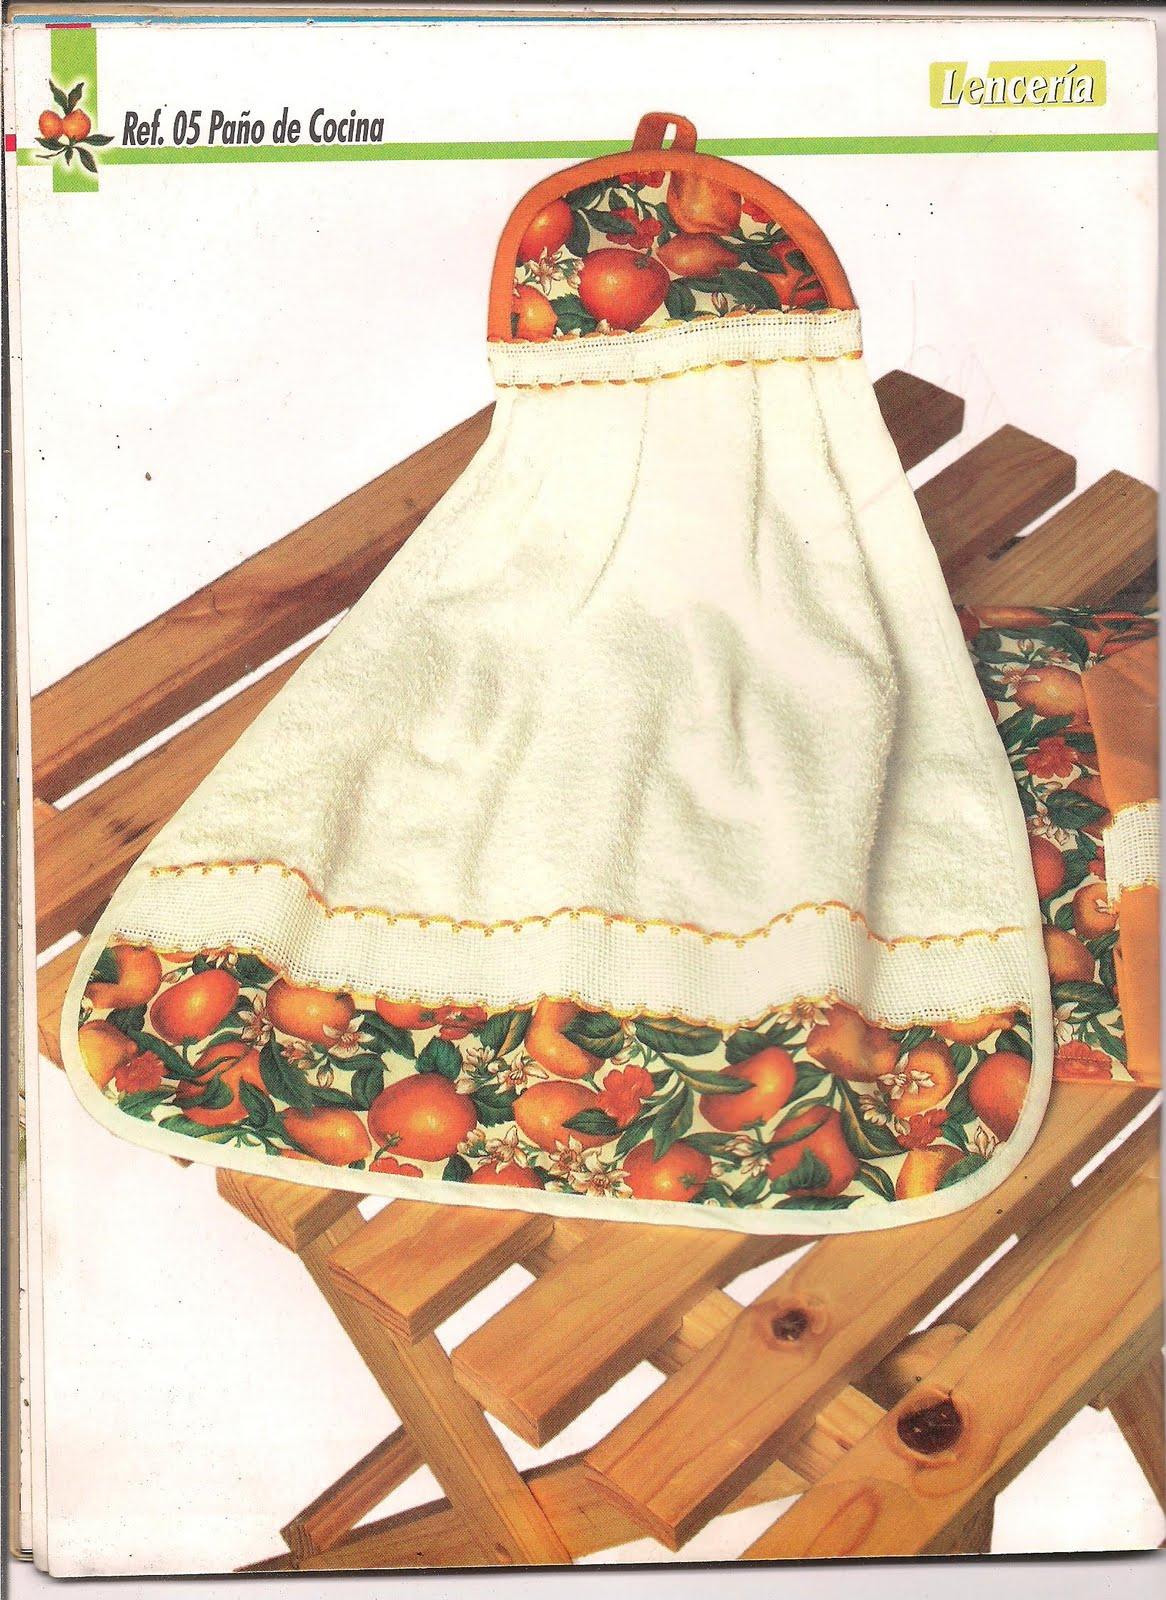 El blog de flor mar y ojito lencer a para la cocina por - Manualidades para el hogar faciles ...